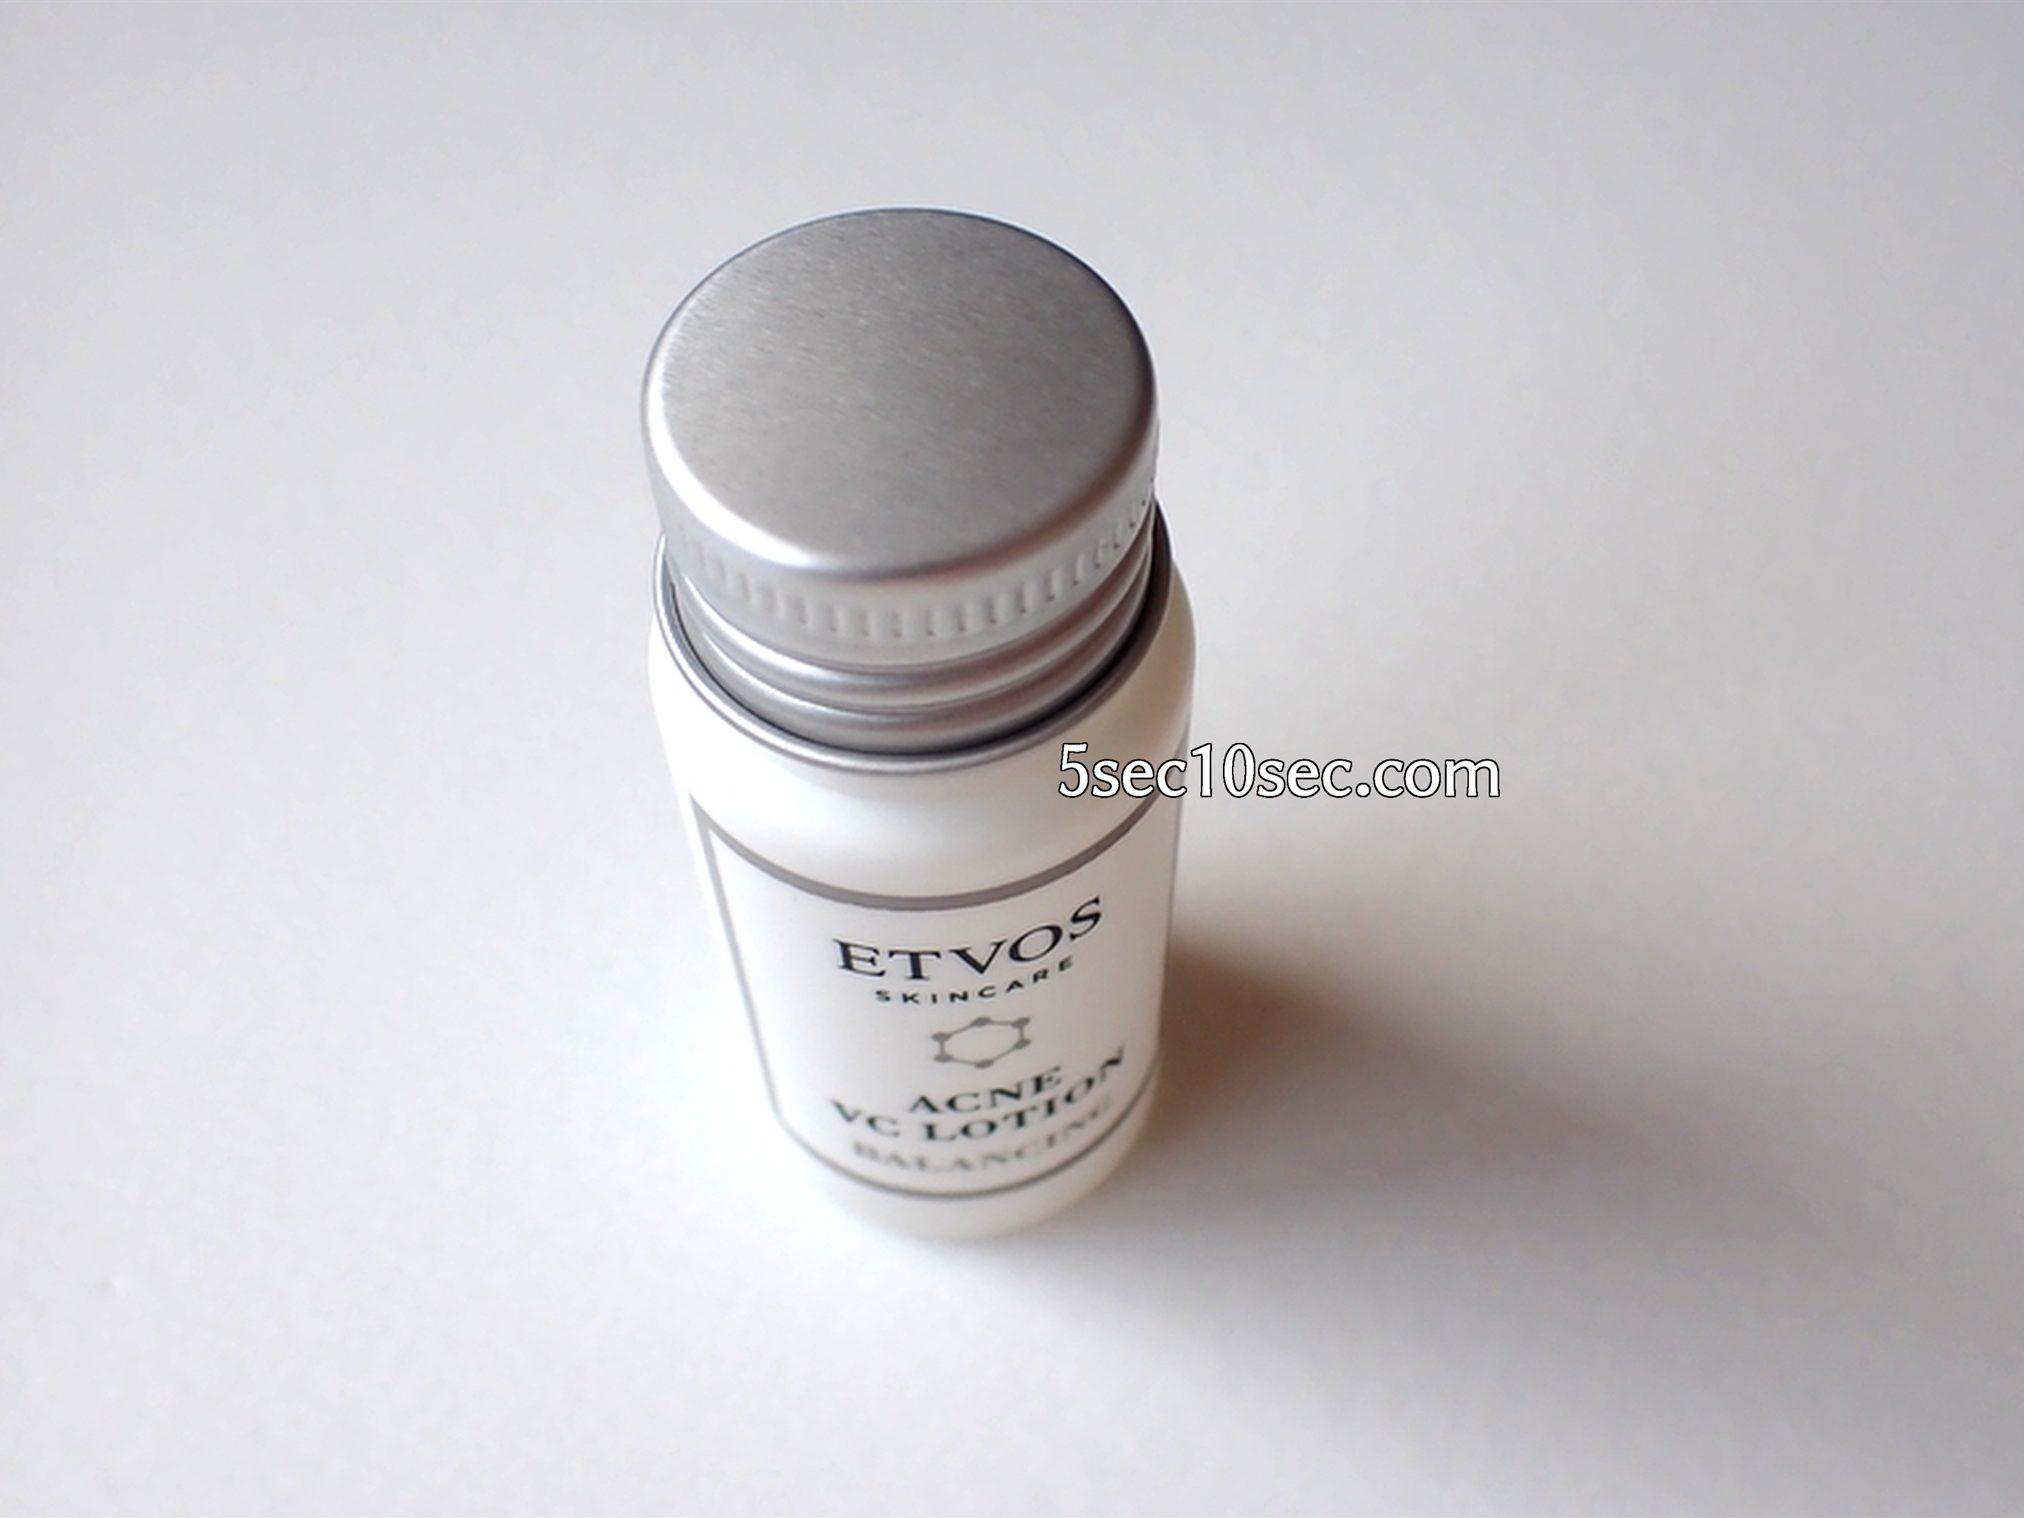 化粧水 エトヴォス 薬用 アクネVCローションⅠ[医薬部外品] 30ml